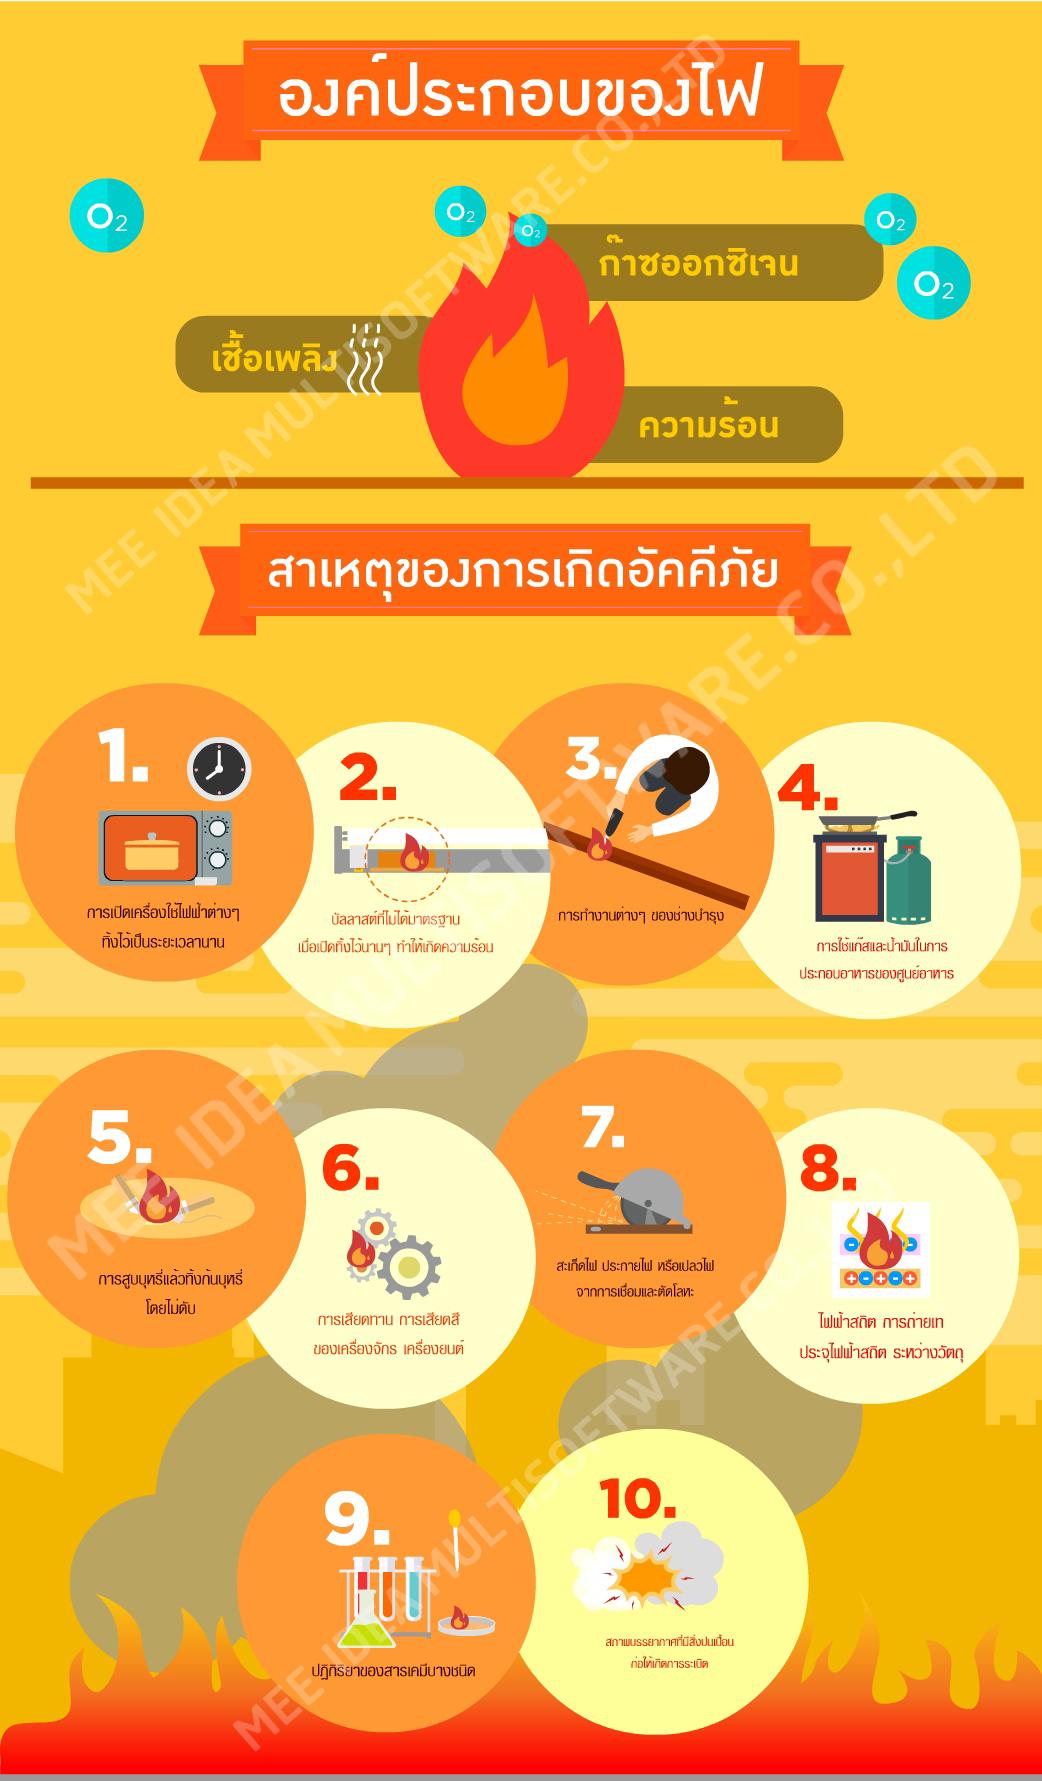 สาเหตุการเกิดไฟไหม้, Cause of fire | Infographic